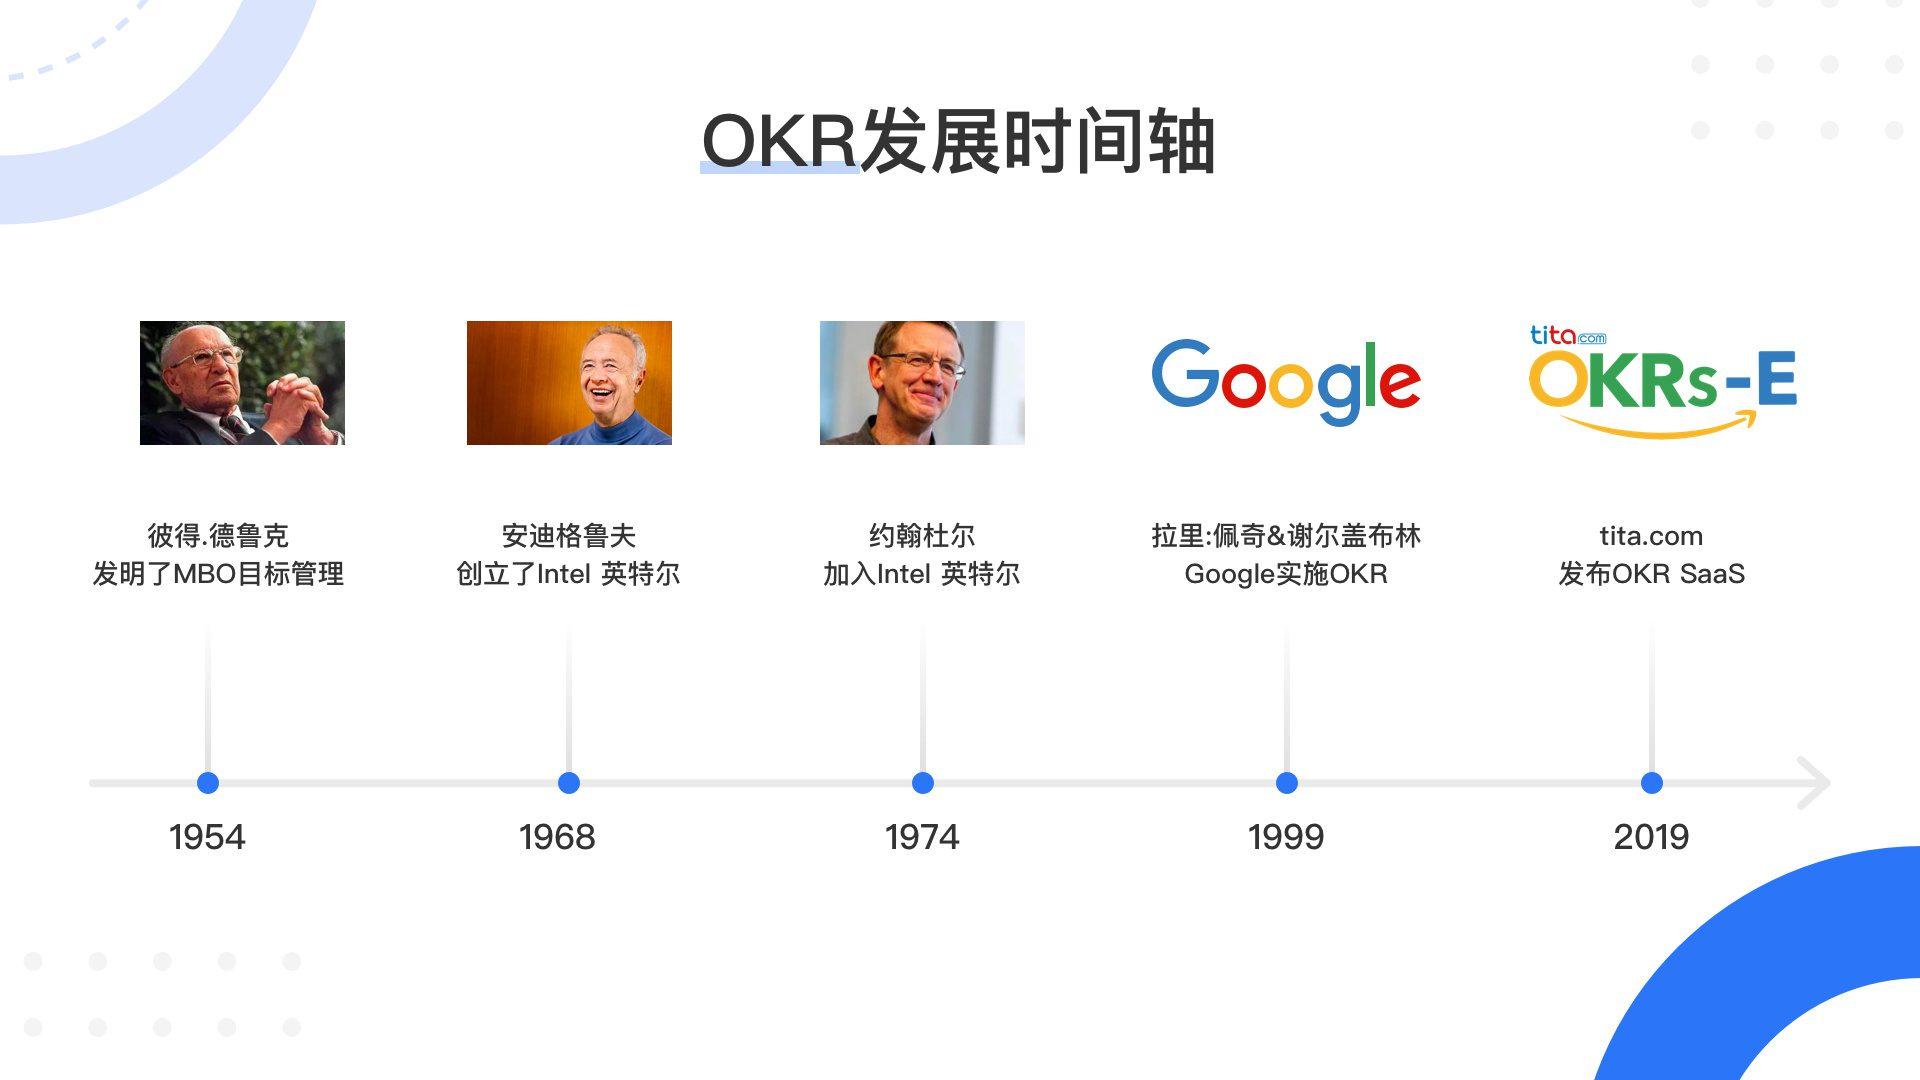 风靡互联网大厂的目标管理法,除了OKR还有SMART